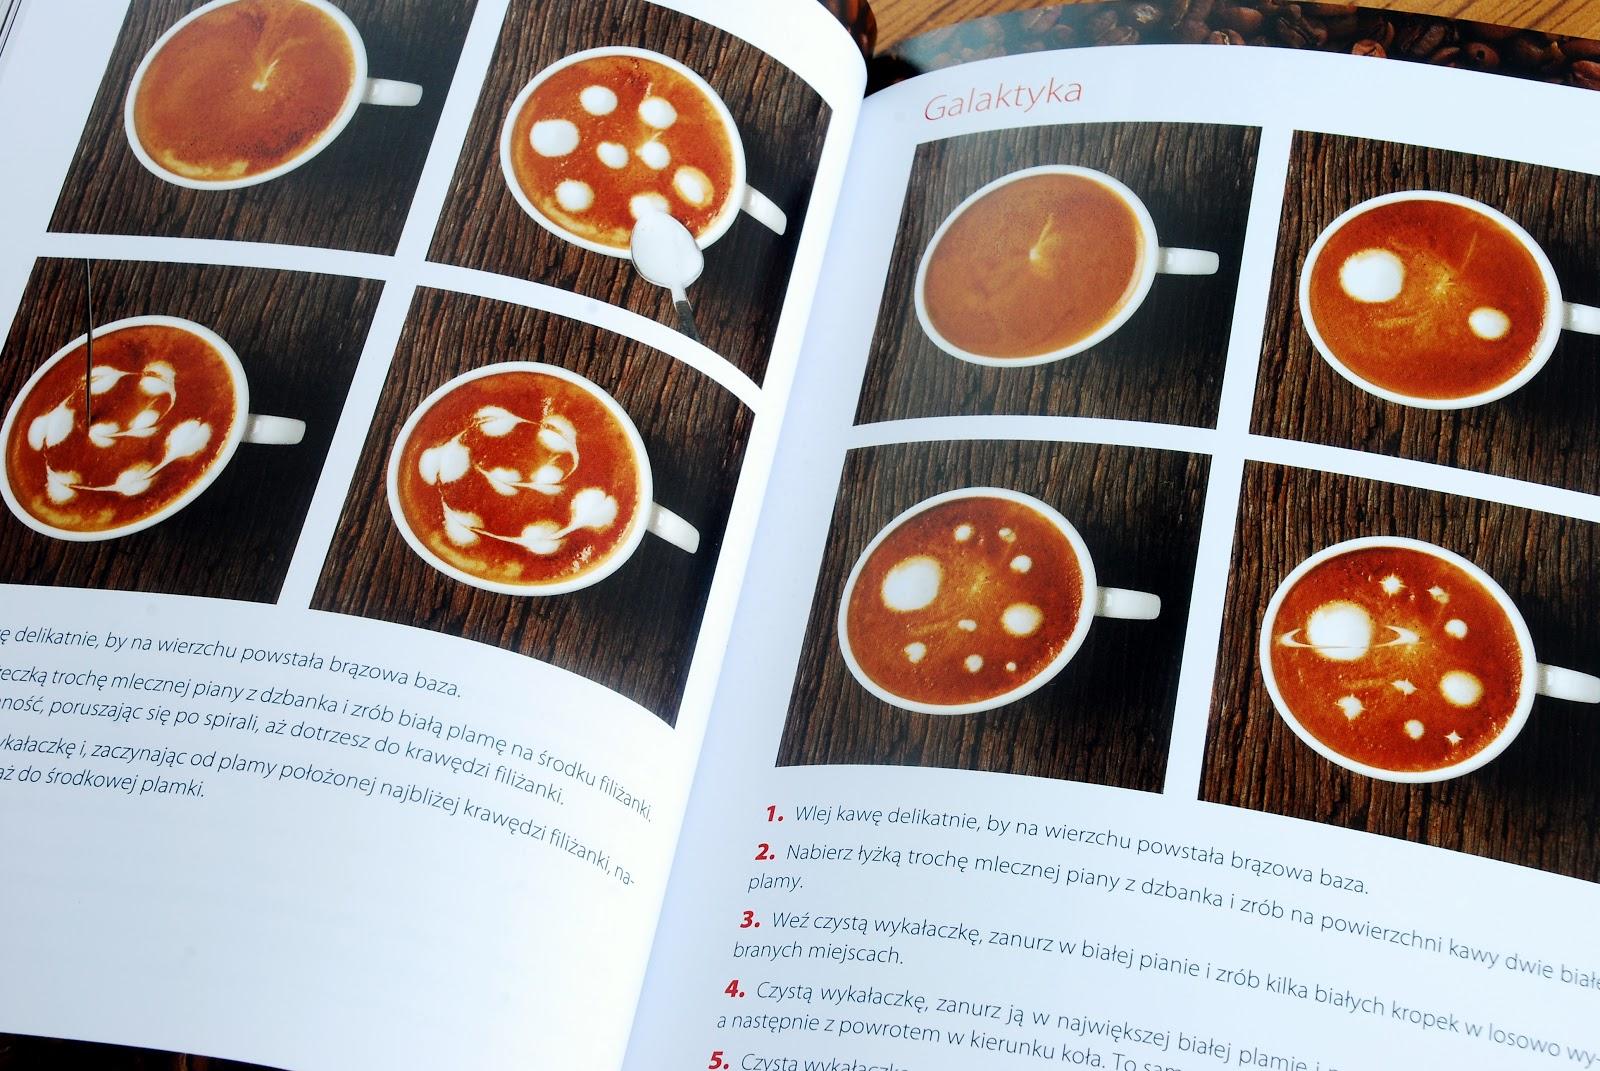 Wnętrze książki, zdobienie powierzchni kawy, po prawej Galaktyka